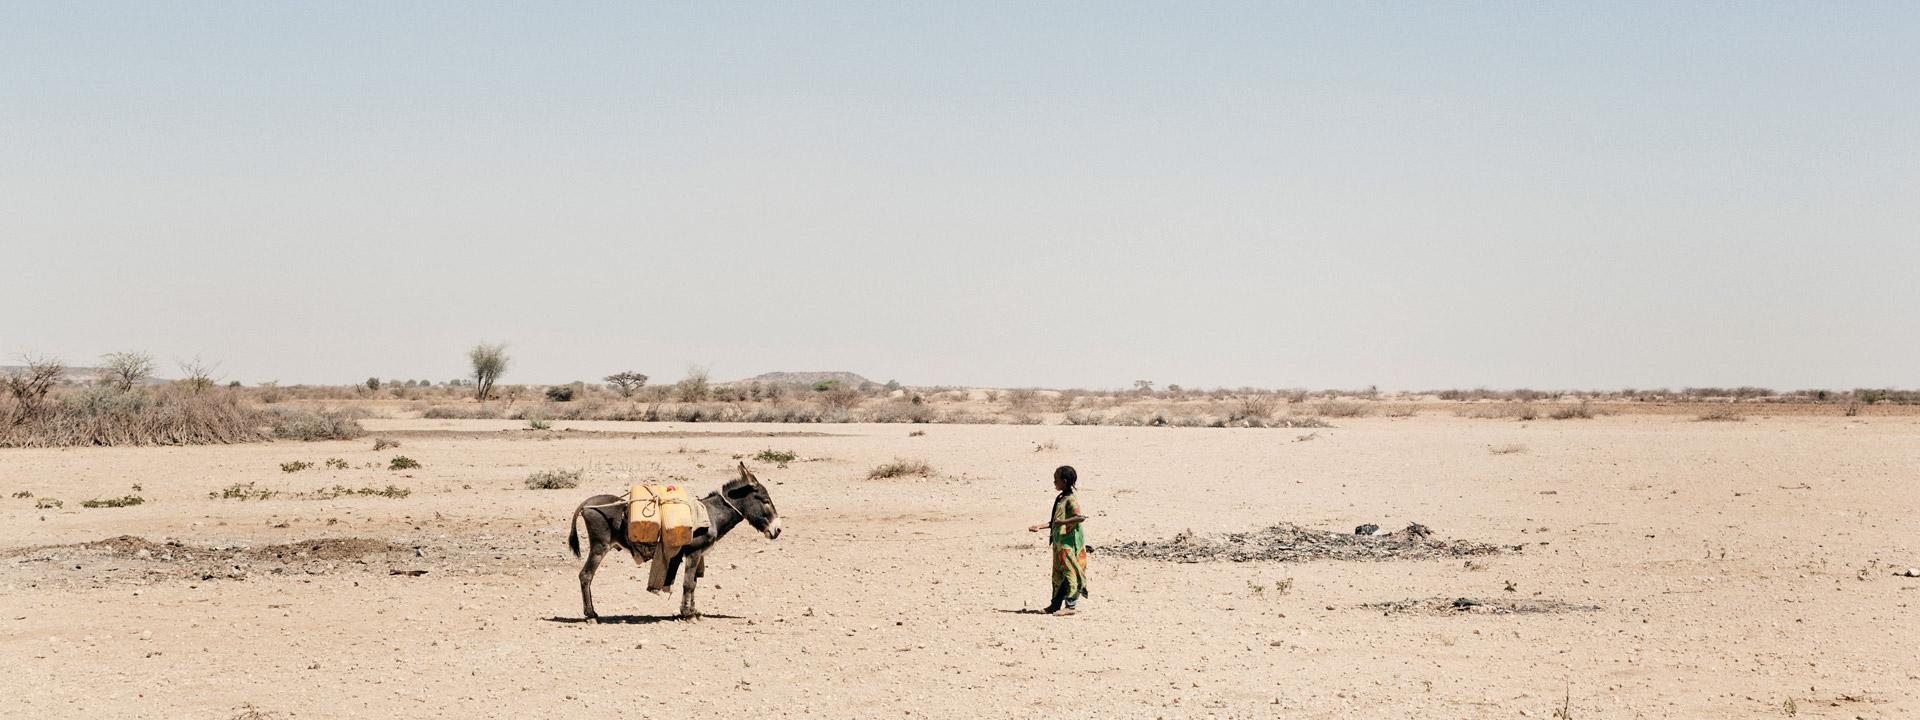 Foto: Esel und Kind in der Wüste